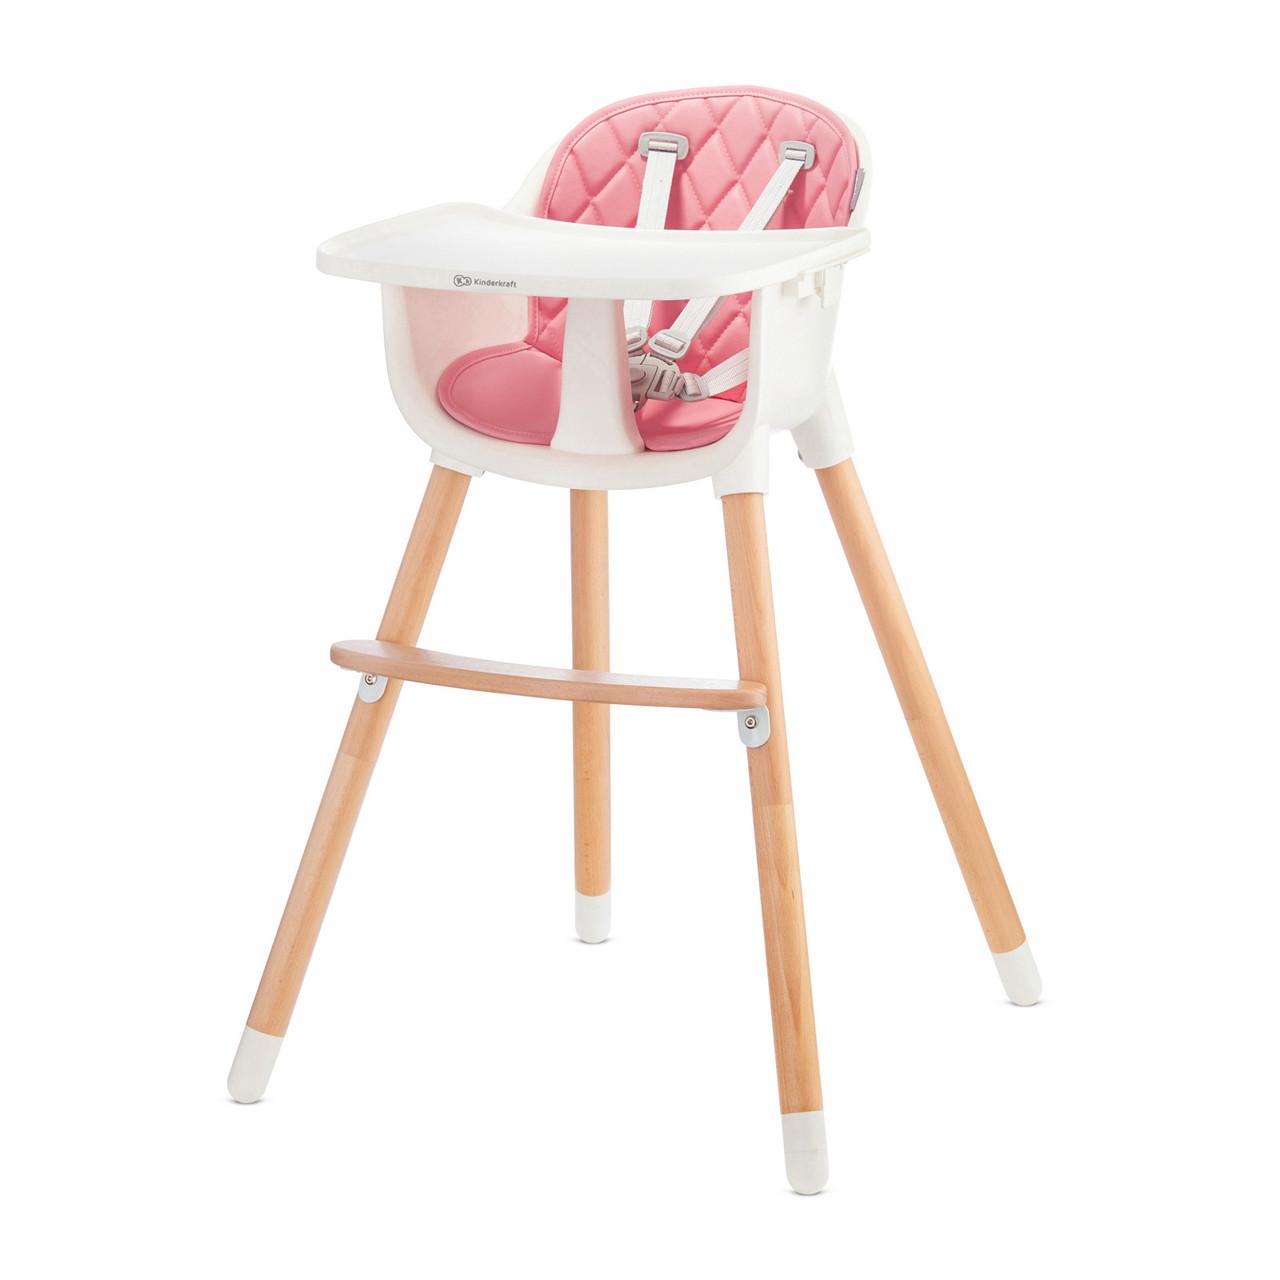 Стільчик для годування Kinderkraft Sienna Pink